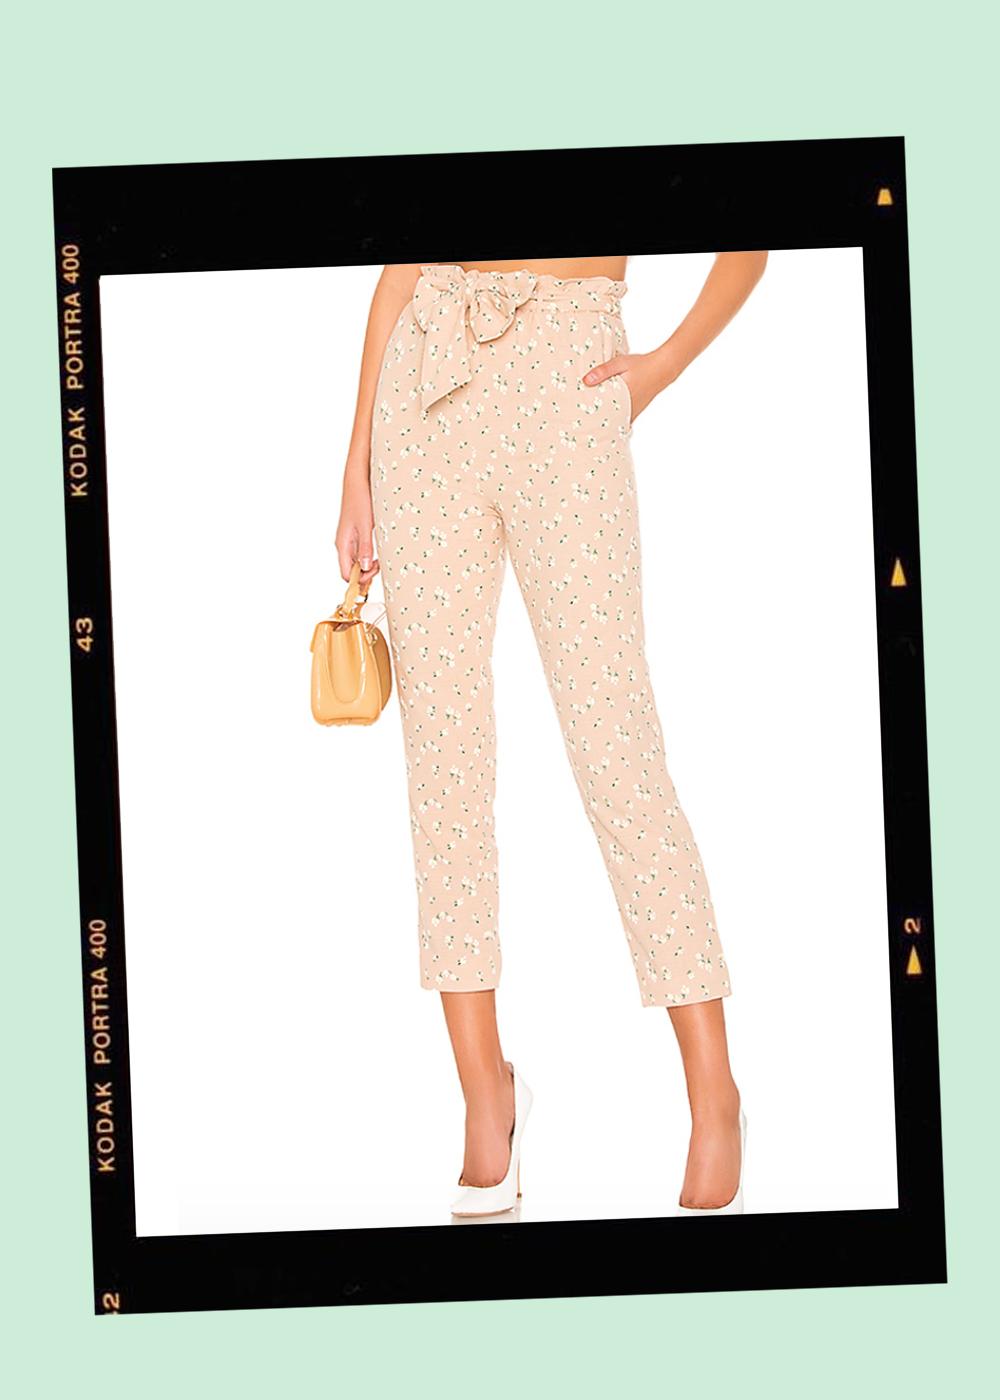 003. - Printed Crop Pants // $158Majorelle